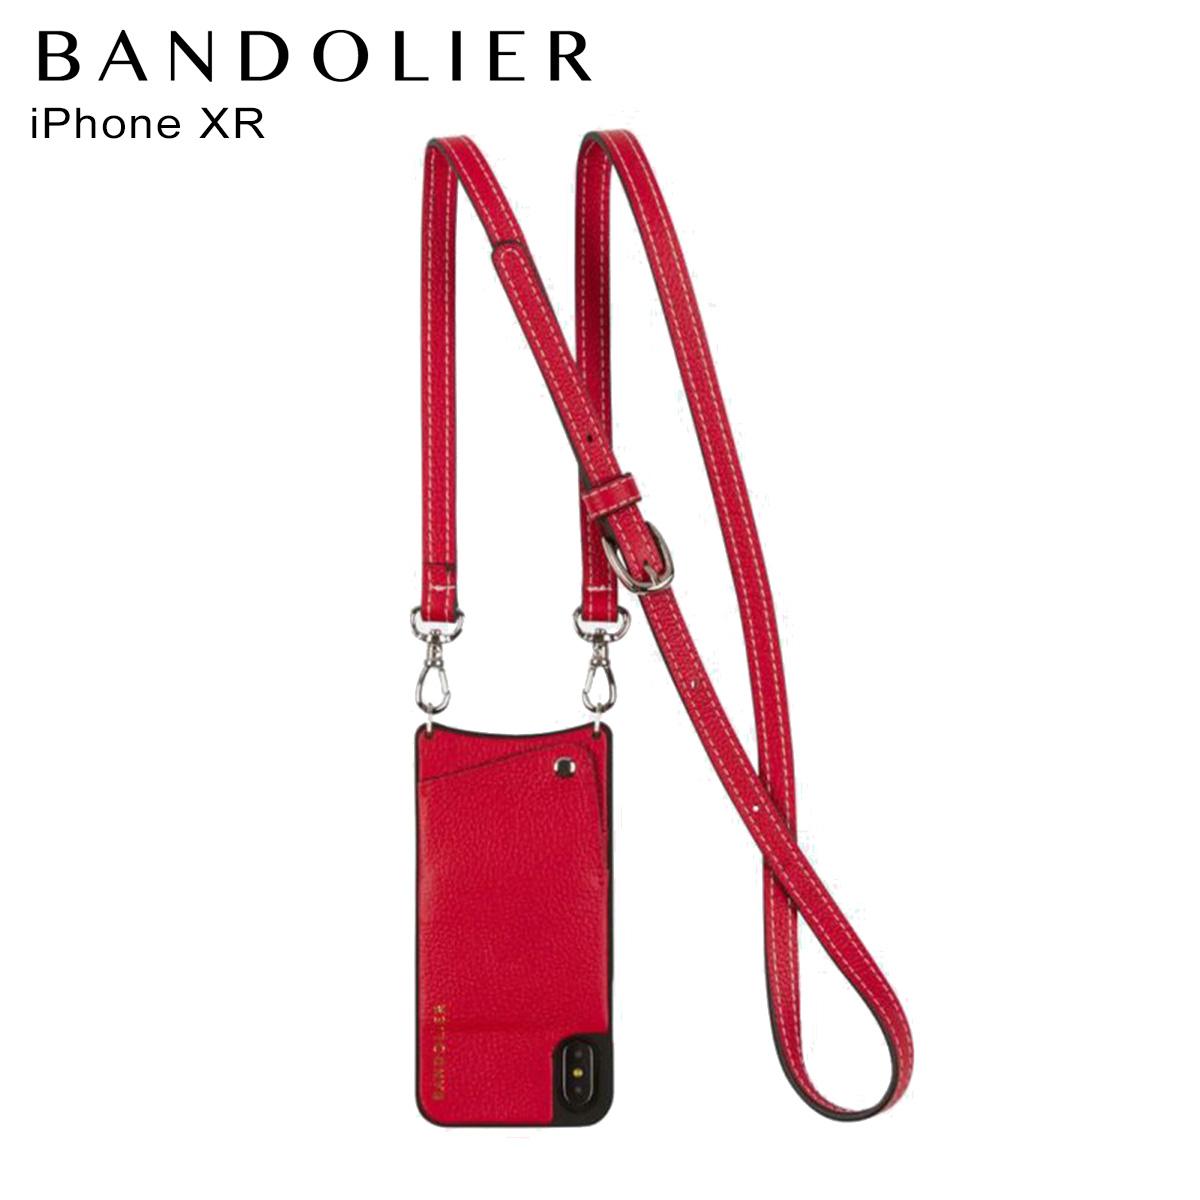 バンドリヤー BANDOLIER iPhone XR ケース スマホ 携帯 レディース CASEY RED レッド 10cas